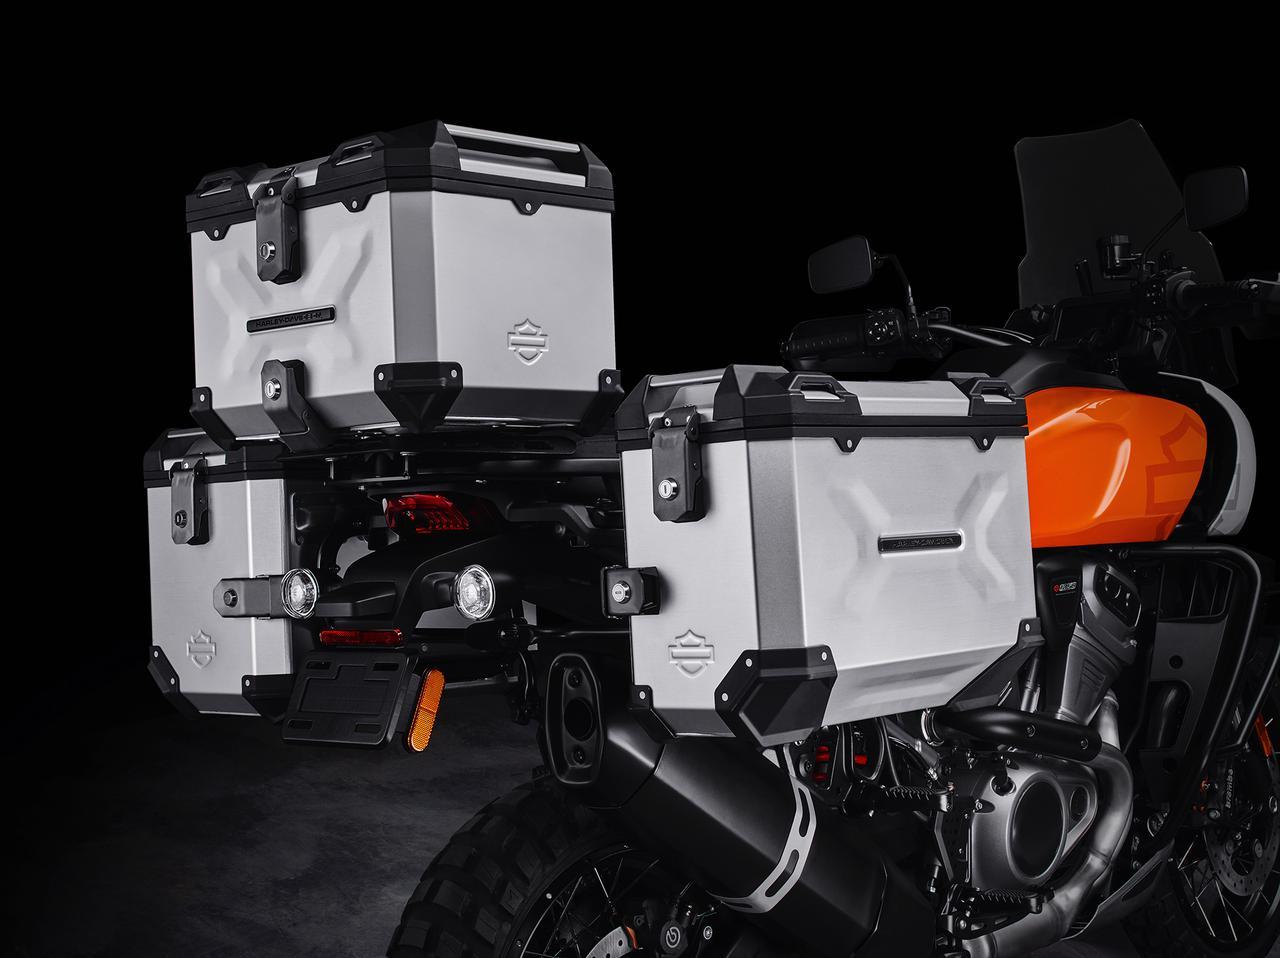 Images : 3番目の画像 - 「ハーレー初のアドベンチャー「Pan America」が登場!1250ccの新型水冷Vツインエンジン「Revolution Max」とは?【EICMA 2019速報!】」のアルバム - webオートバイ